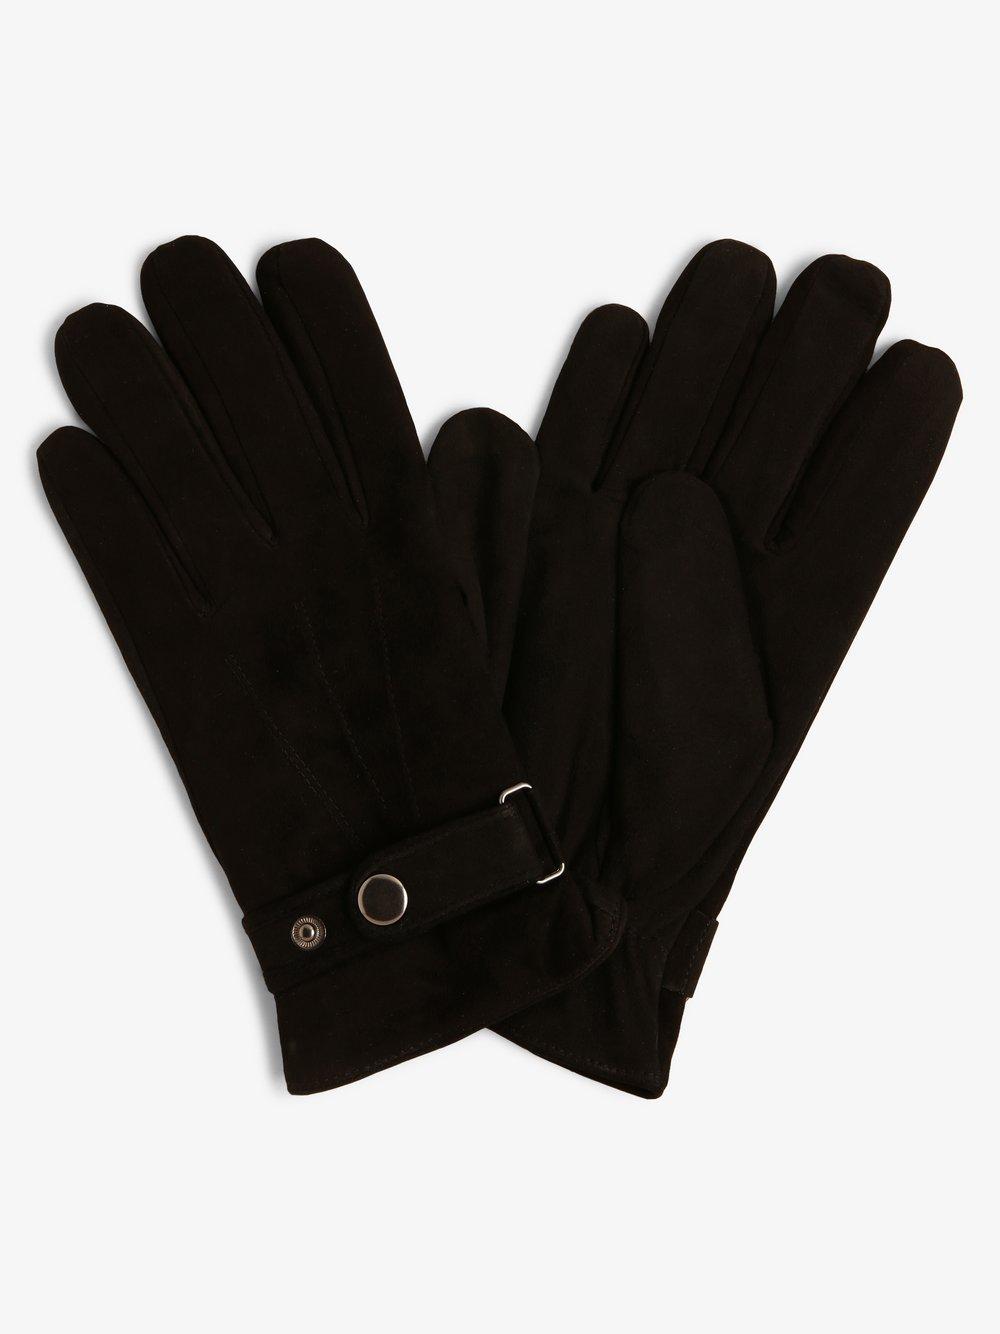 eem – Skórzane rękawiczki męskie, czarny Van Graaf 451418-0001-09920